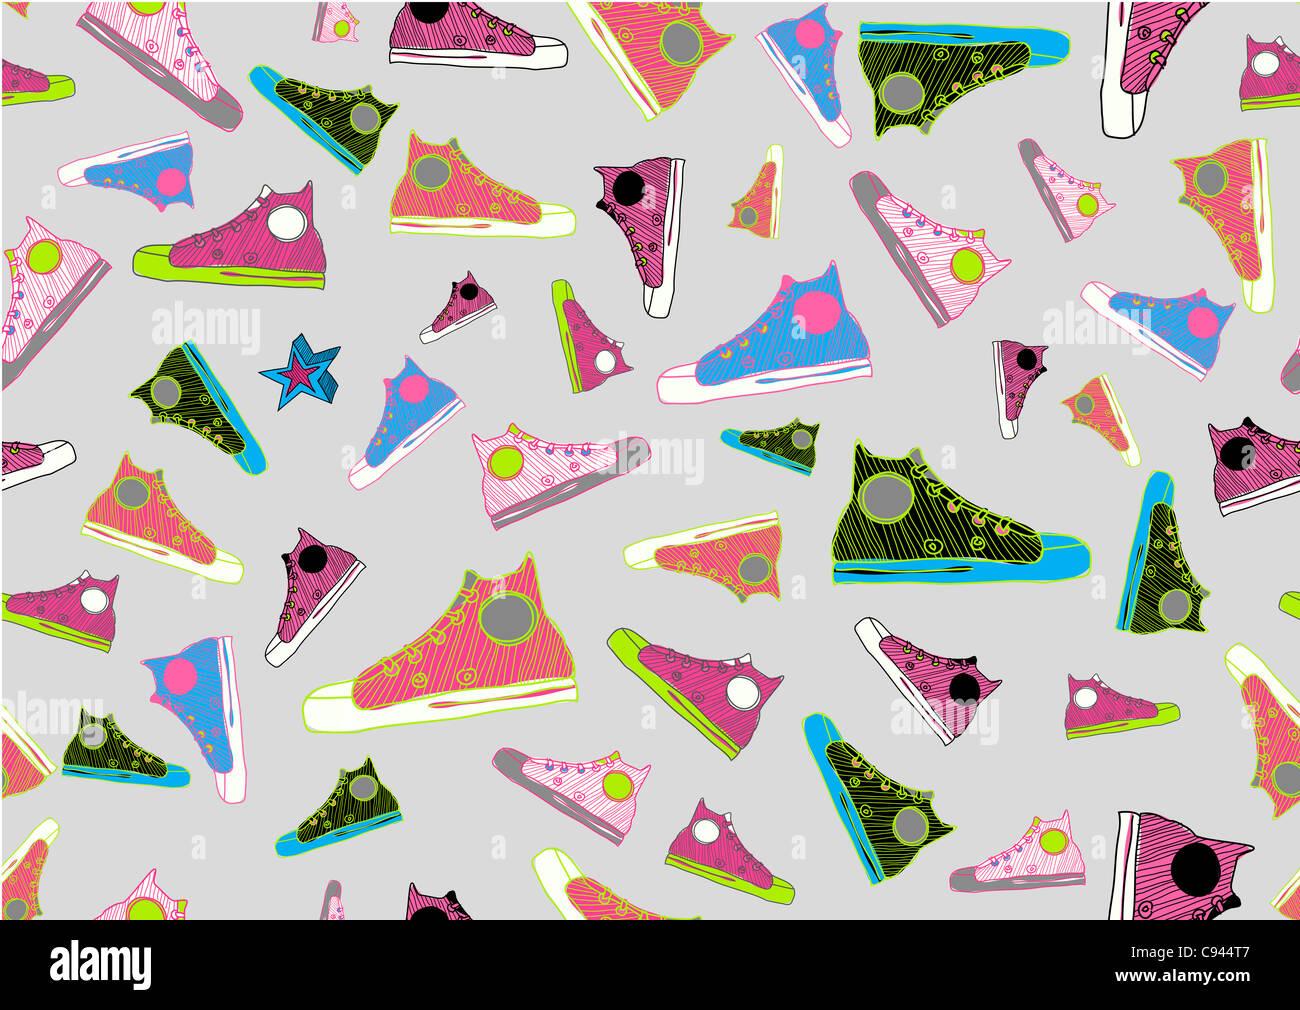 Retro-nahtlose Muster aus coolen handgezeichneten Sportschuhe in verschiedenen Farben. Stockbild